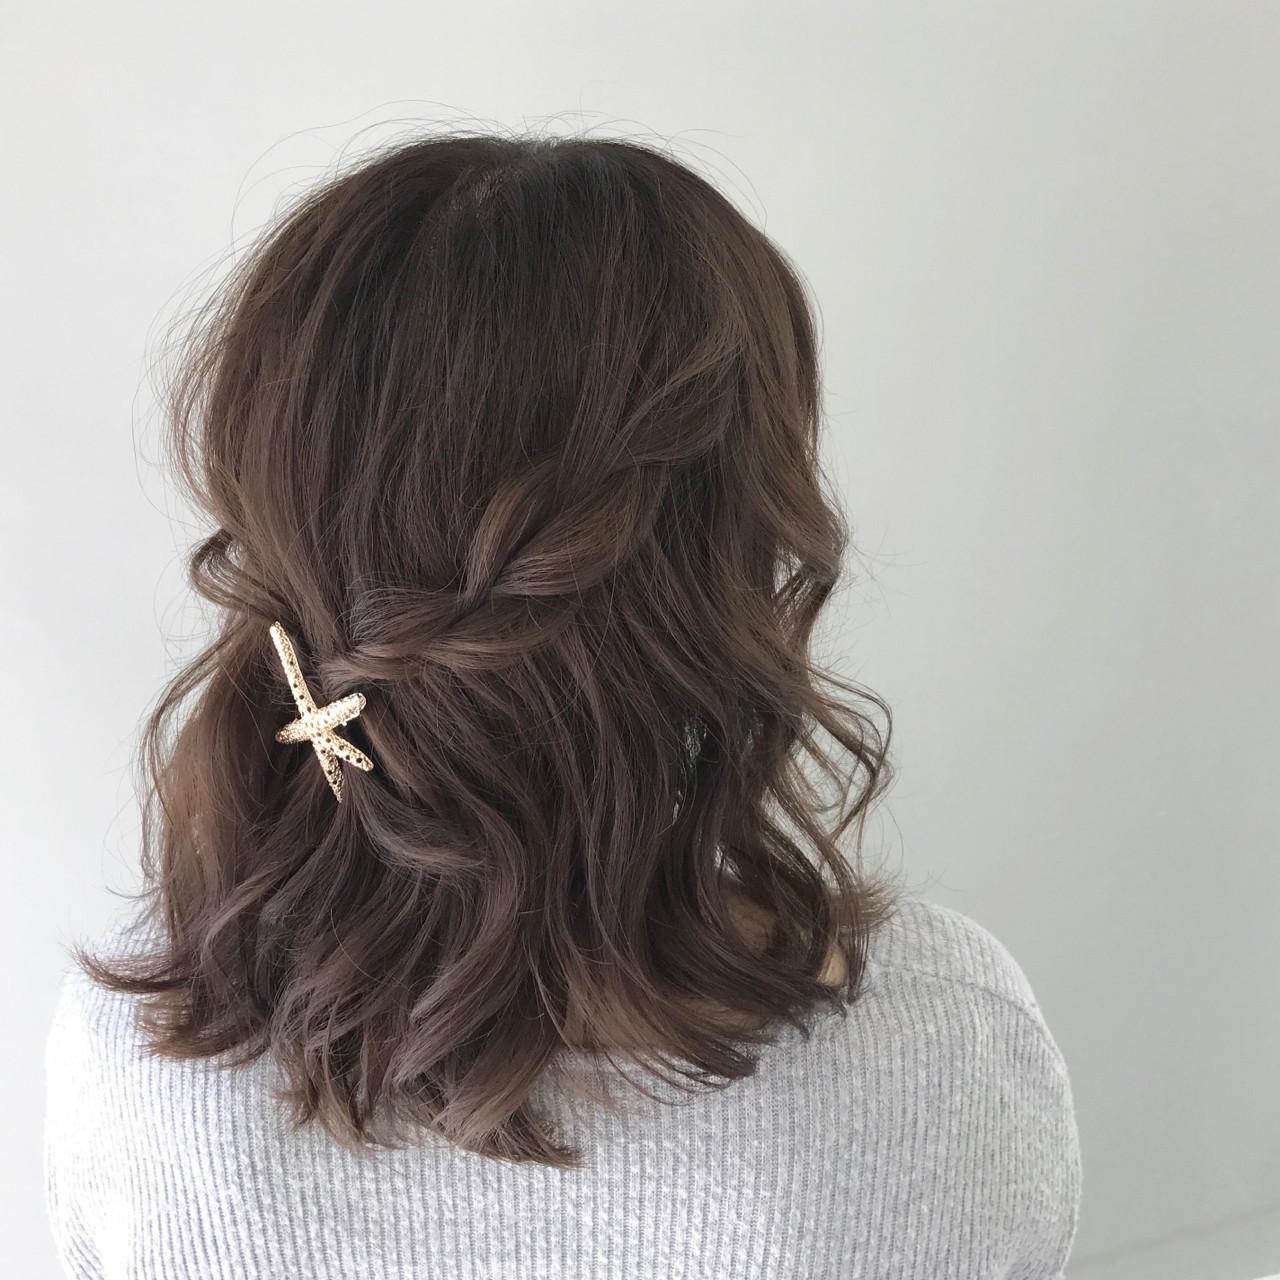 【簡単】可愛さ無限大な三つ編みヘアアレンジでこなれヘアに♡